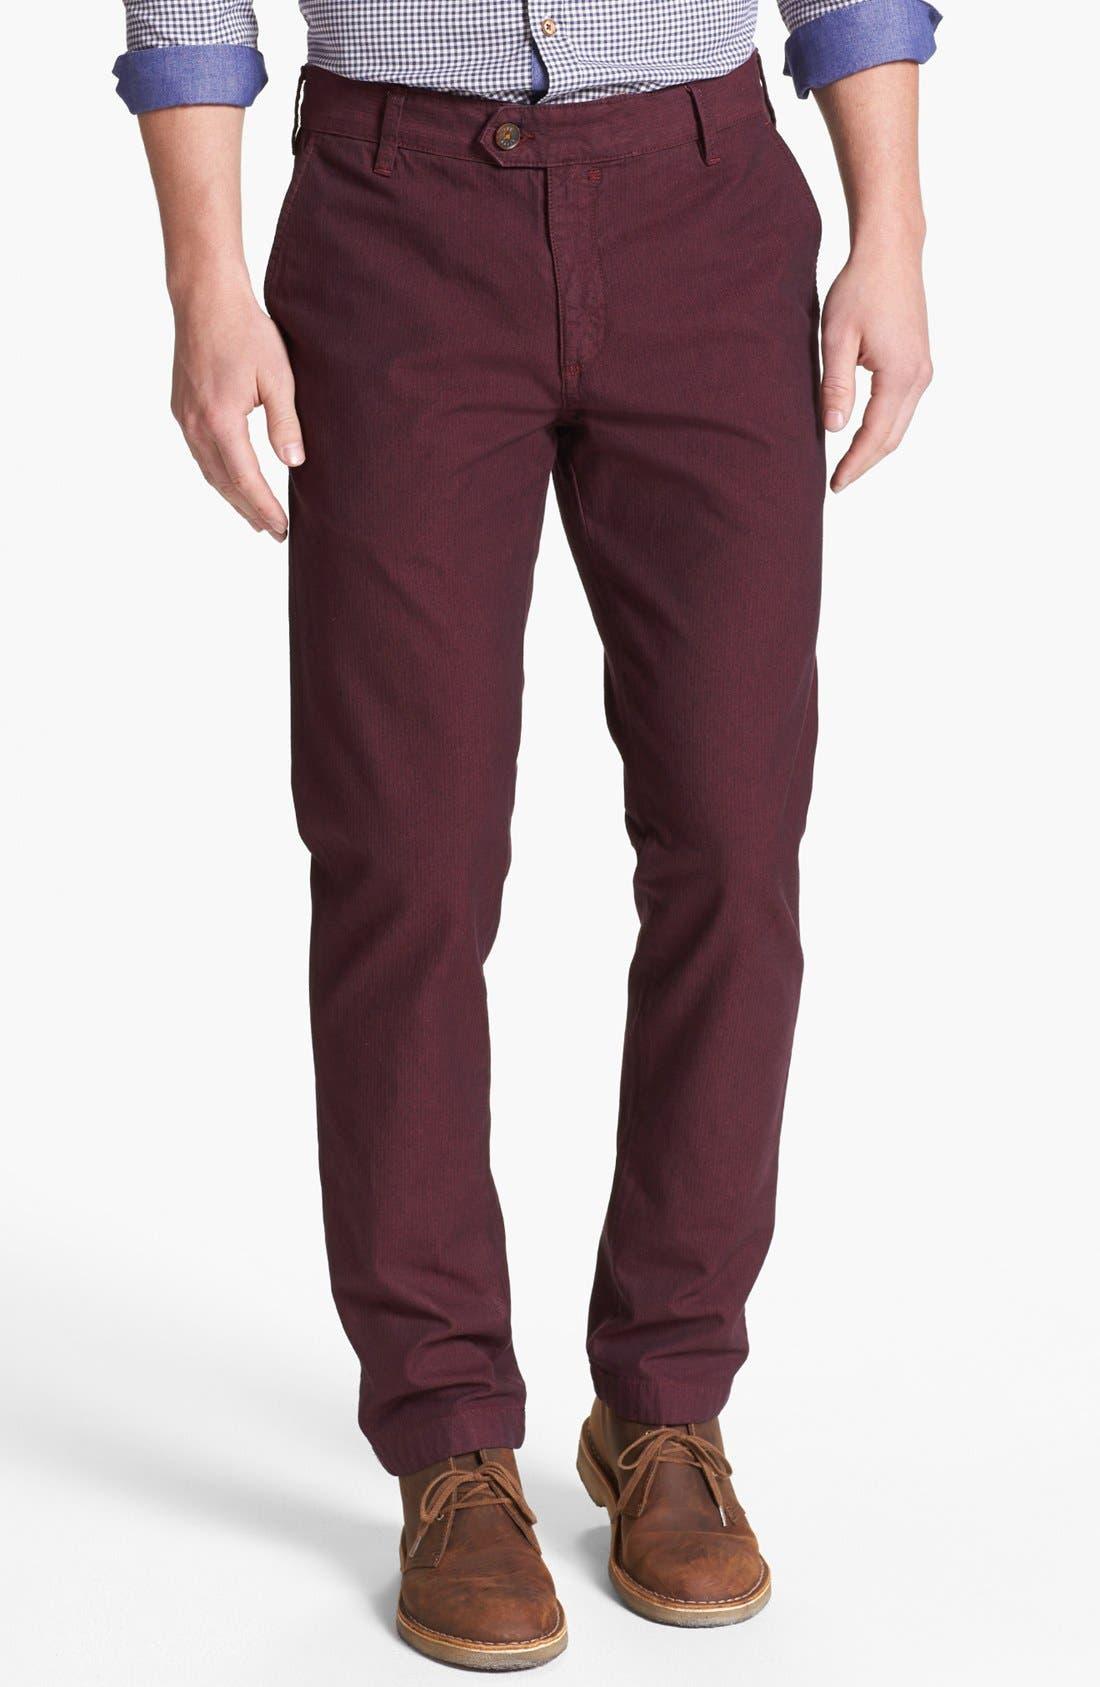 Alternate Image 1 Selected - Ted Baker London 'Yayzerz' Overdyed Herringbone Pants